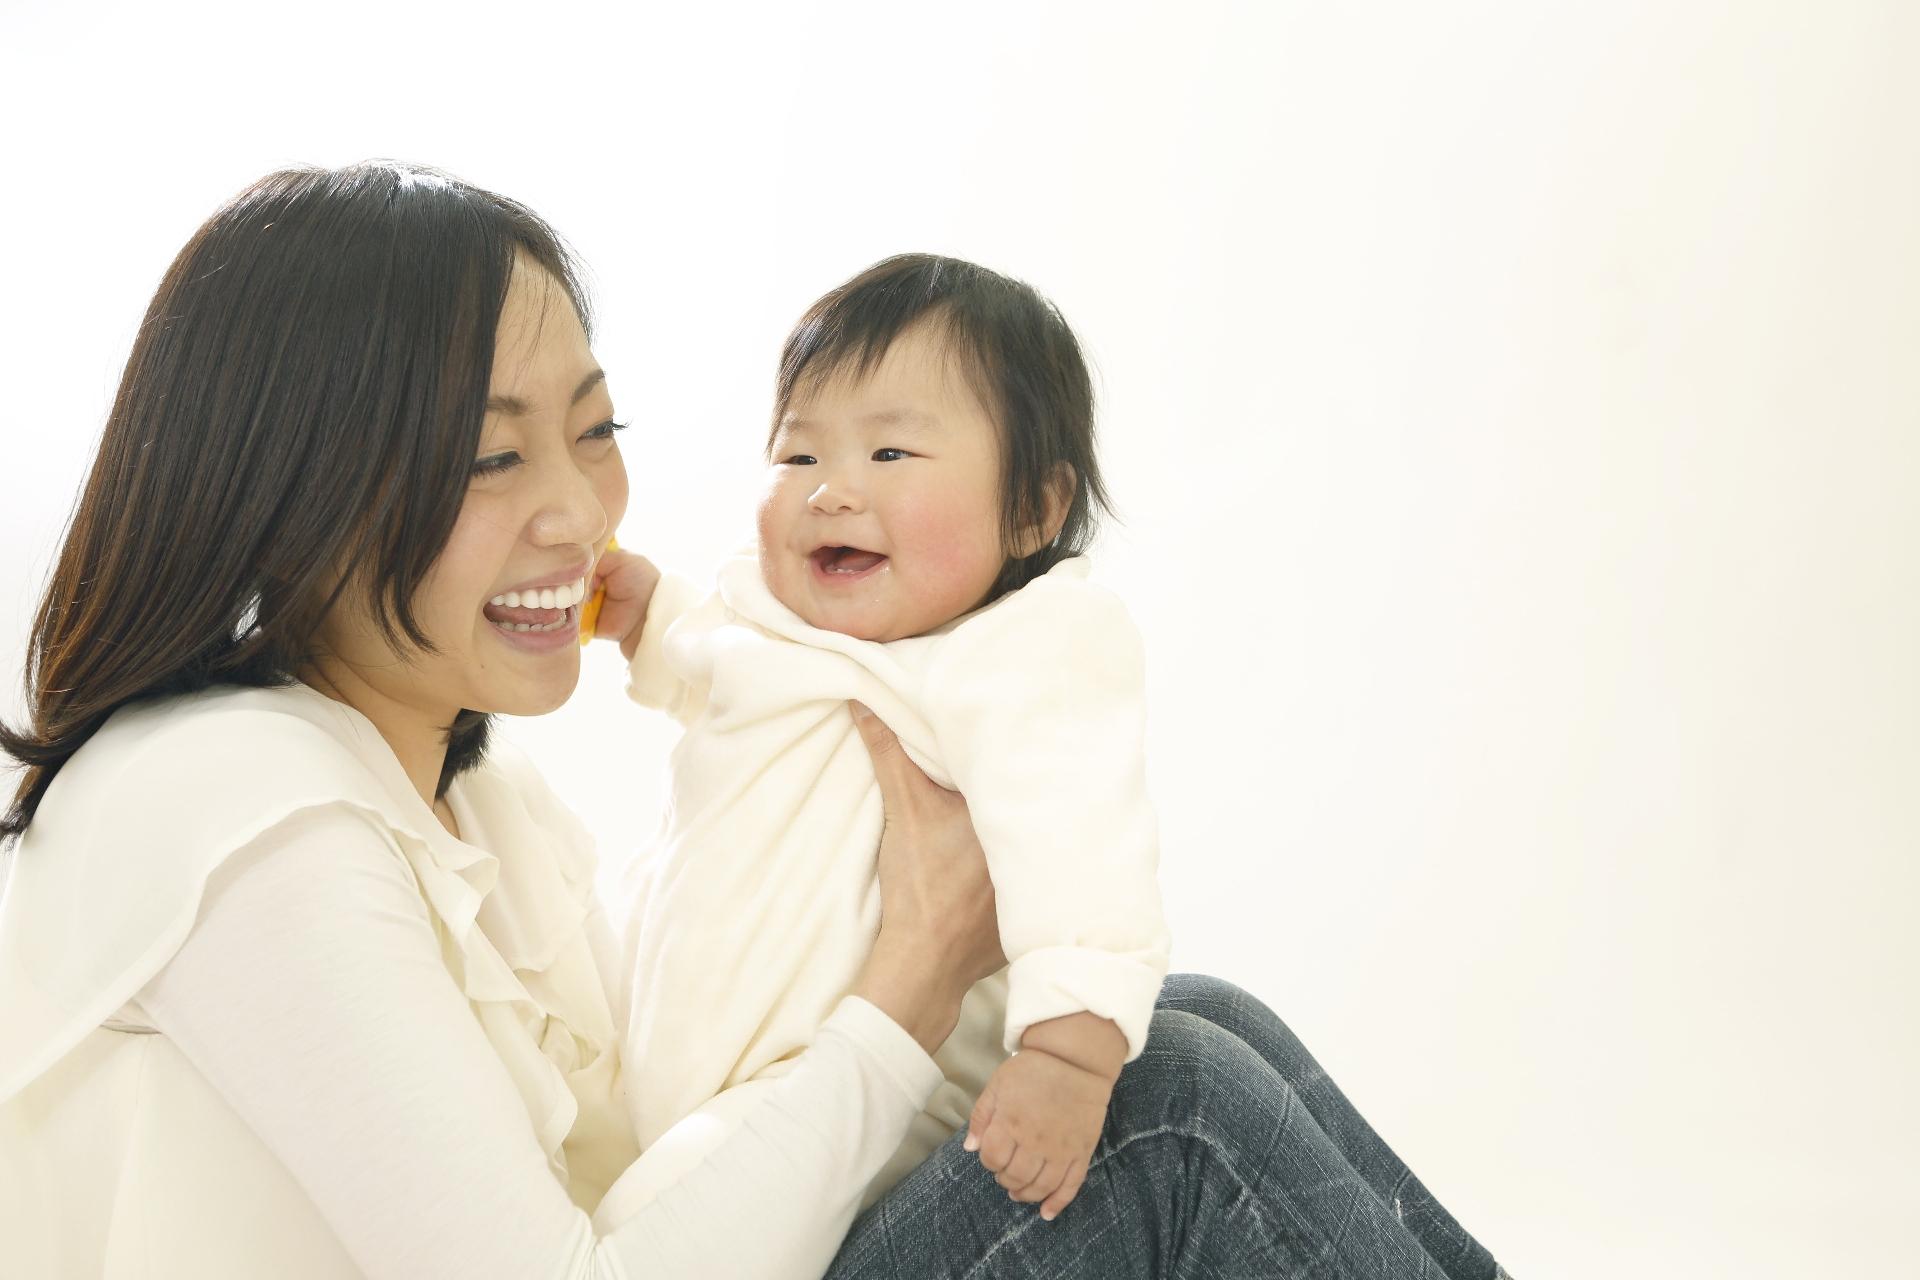 4カ月程度の赤ちゃん・笑顔